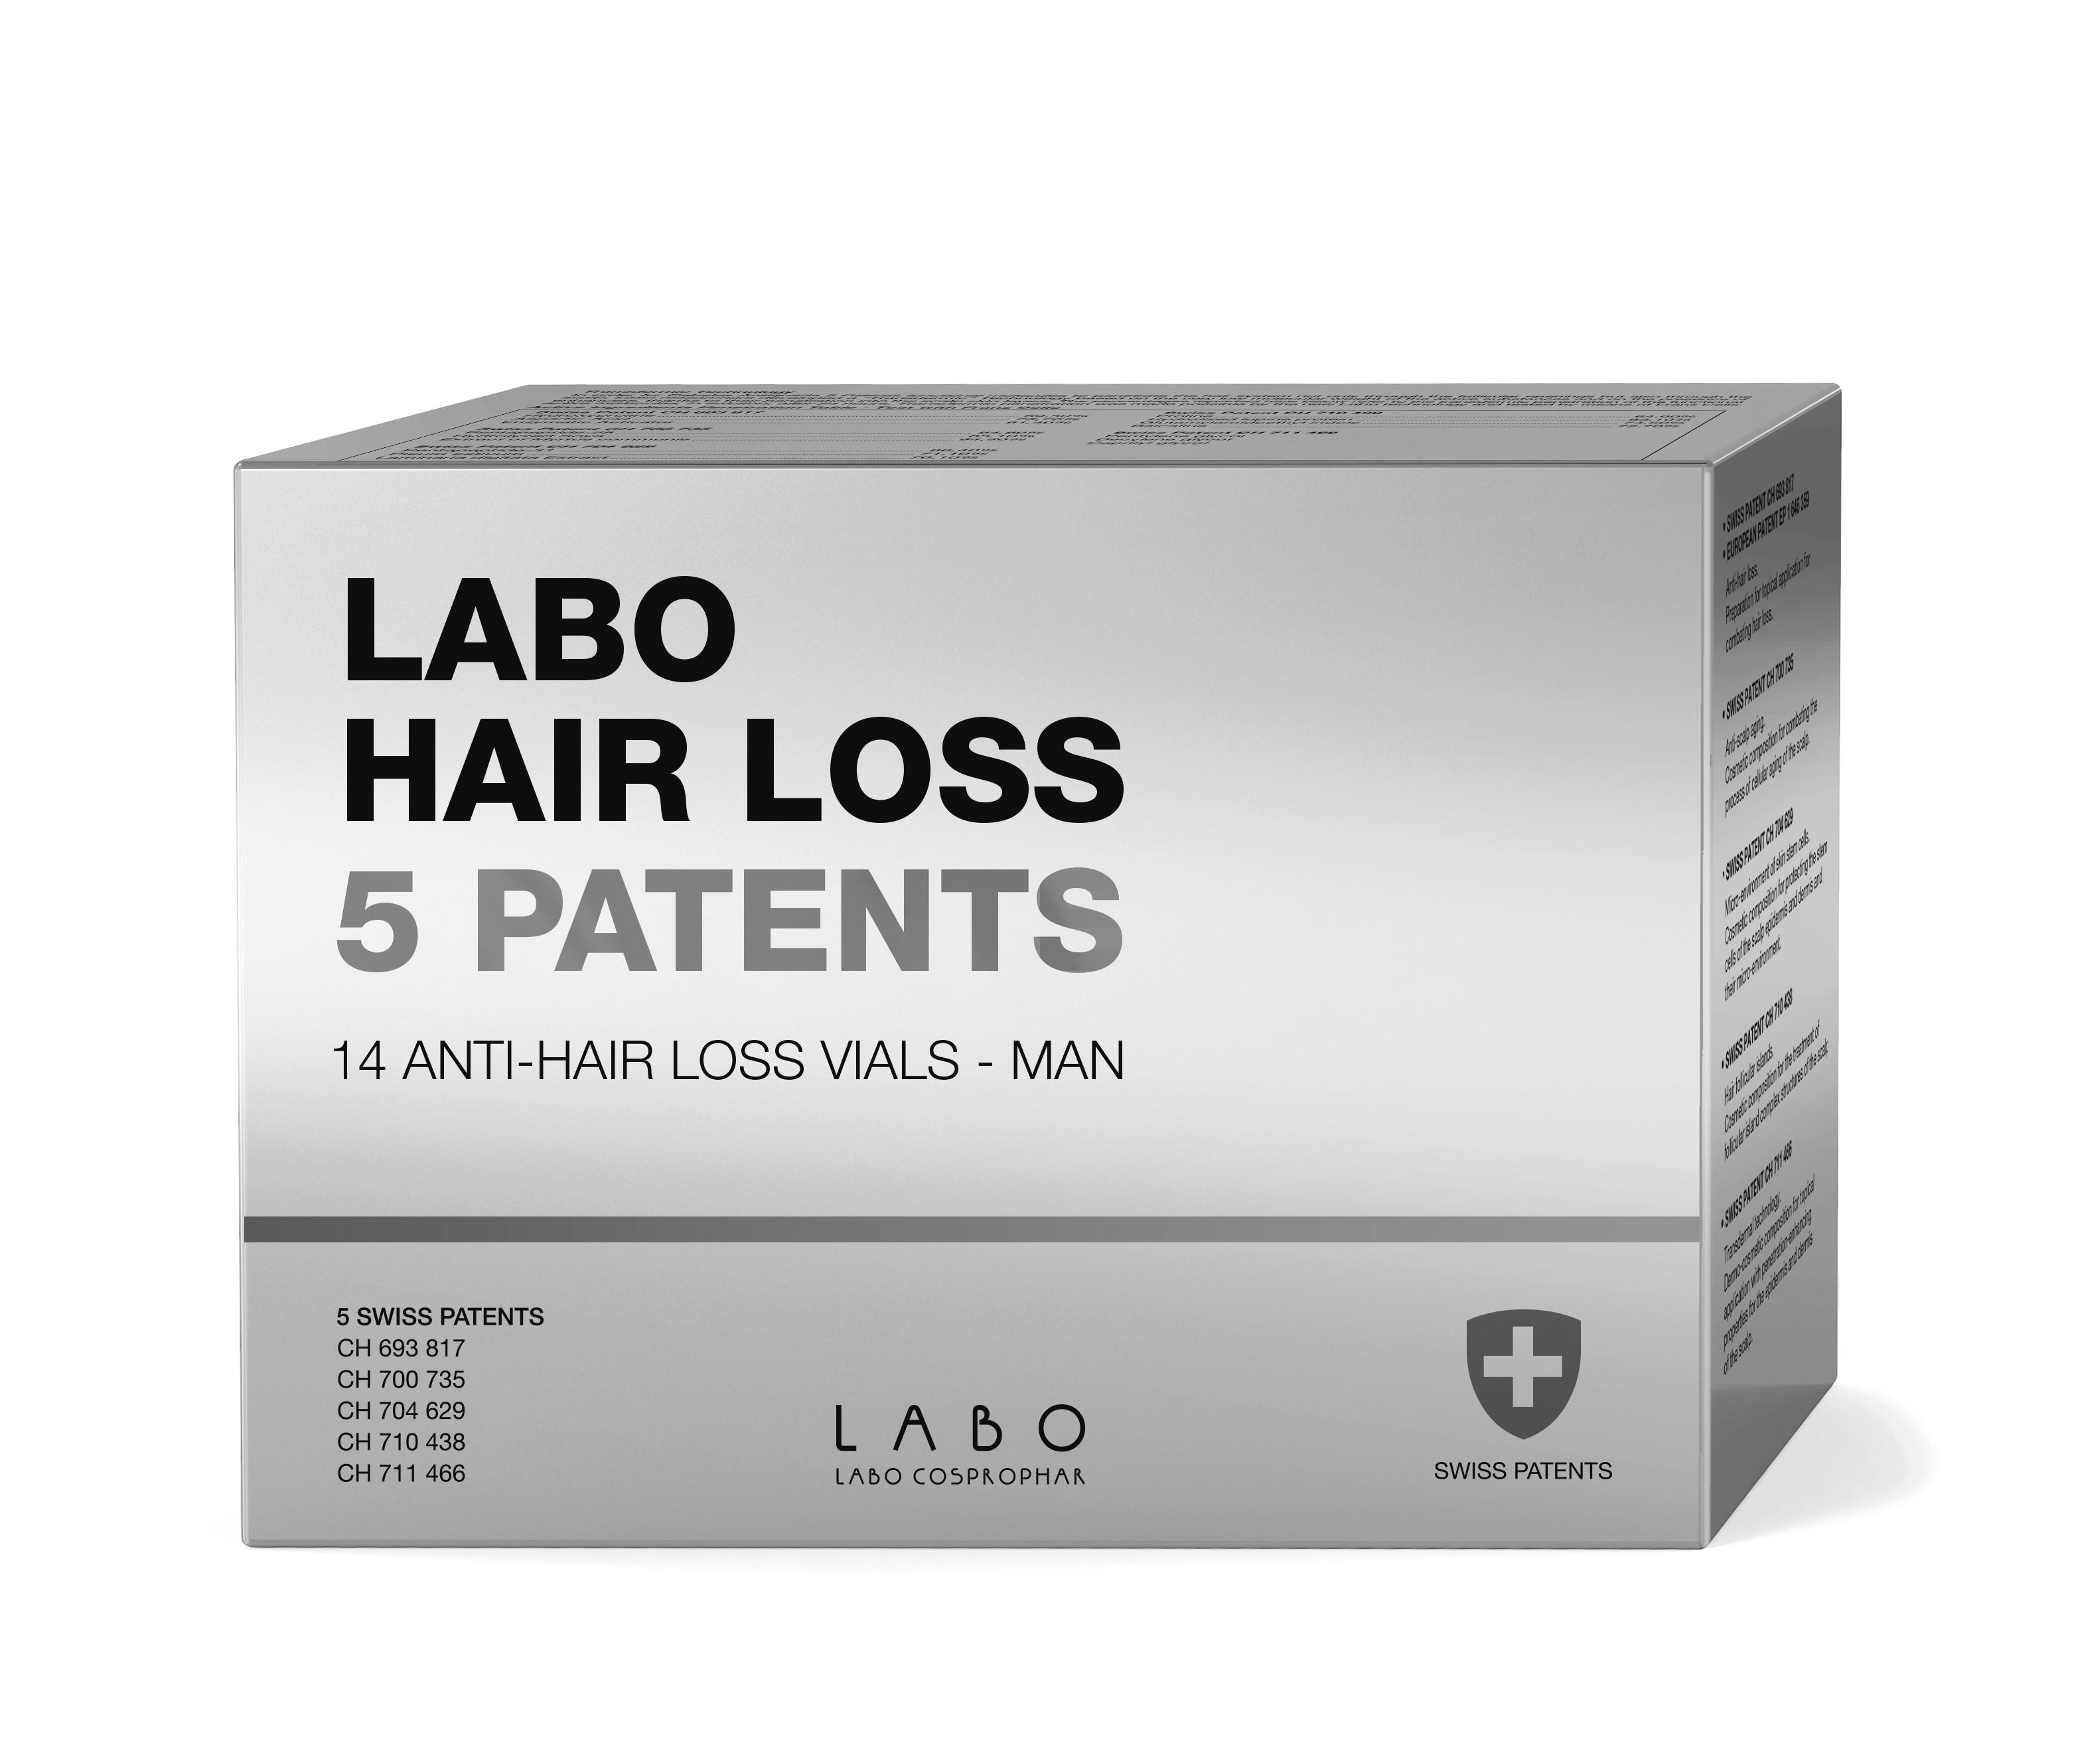 Labo Hair Loss 5 Patents Man